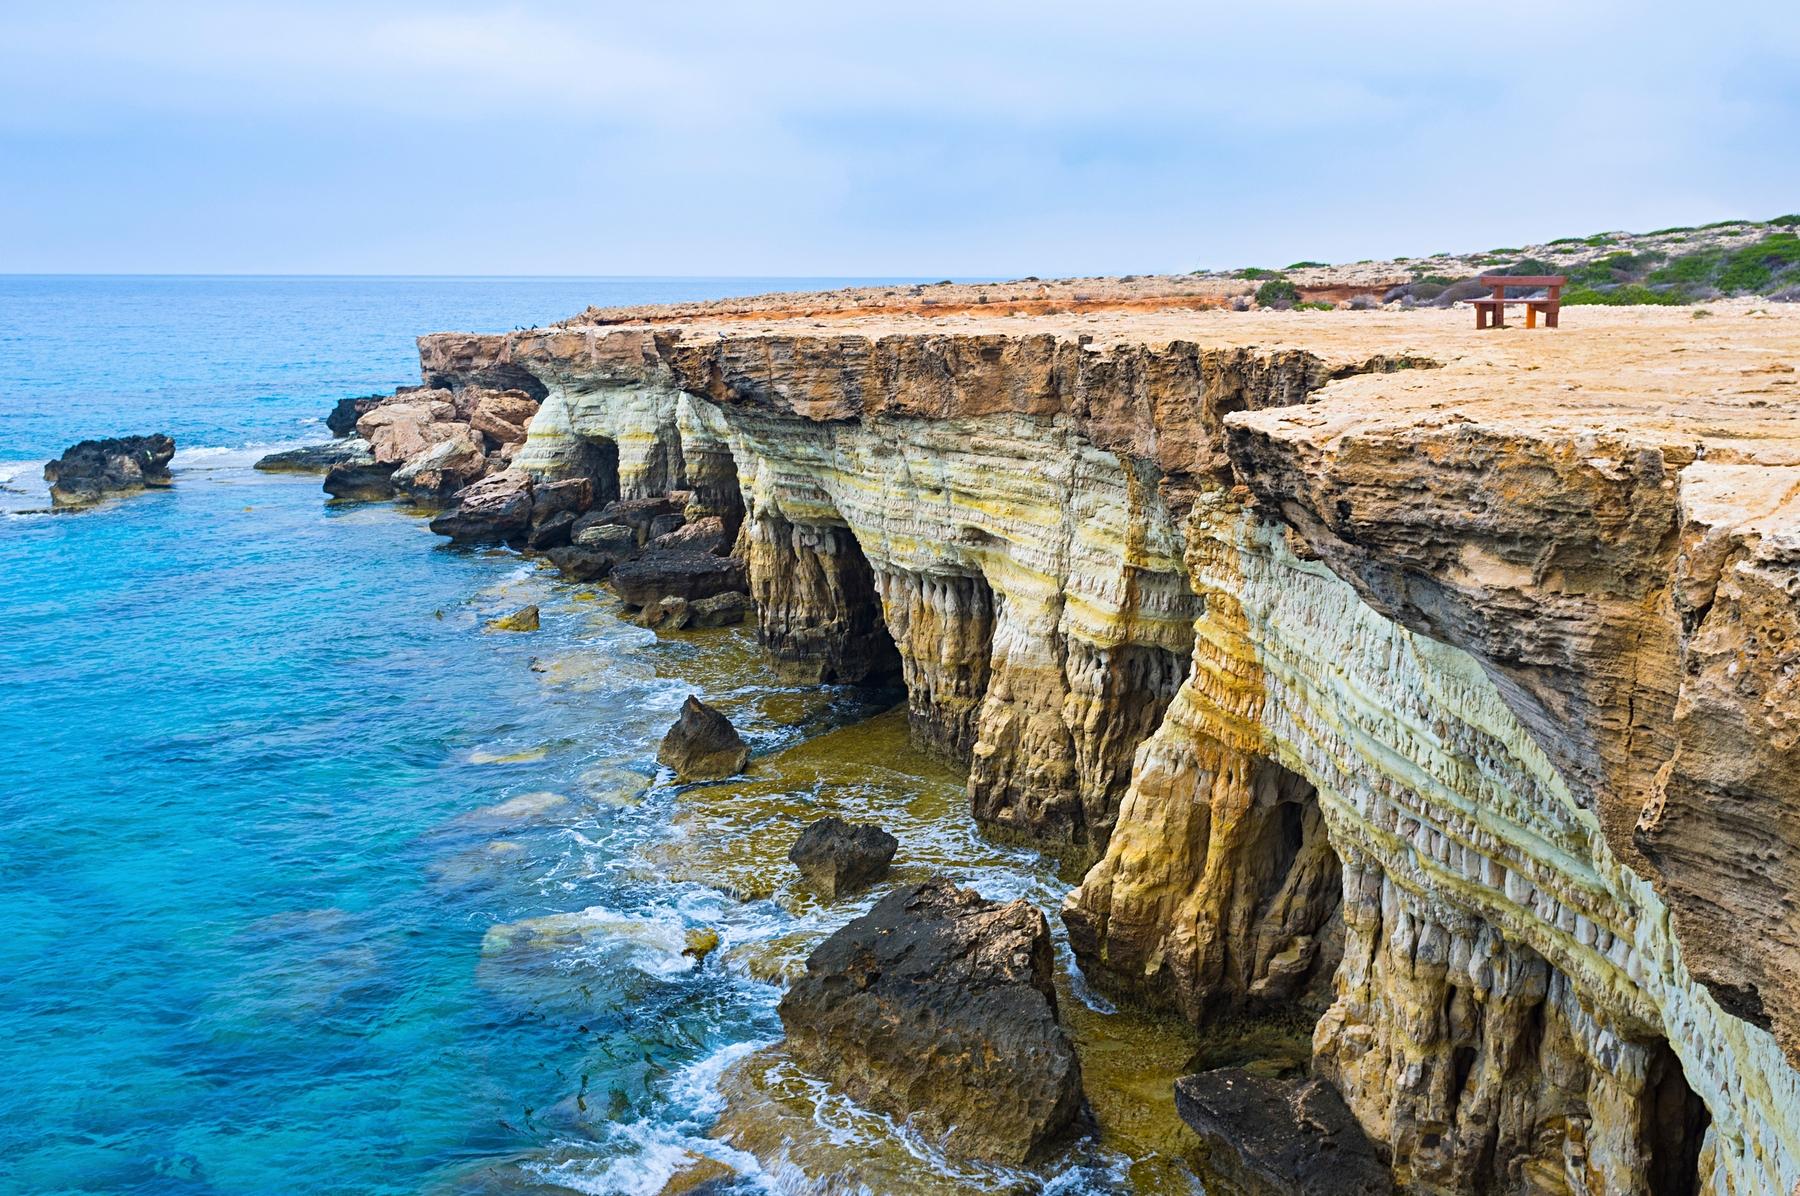 Въезд на Кипр для россиян и дешевые билеты на Скайсканере